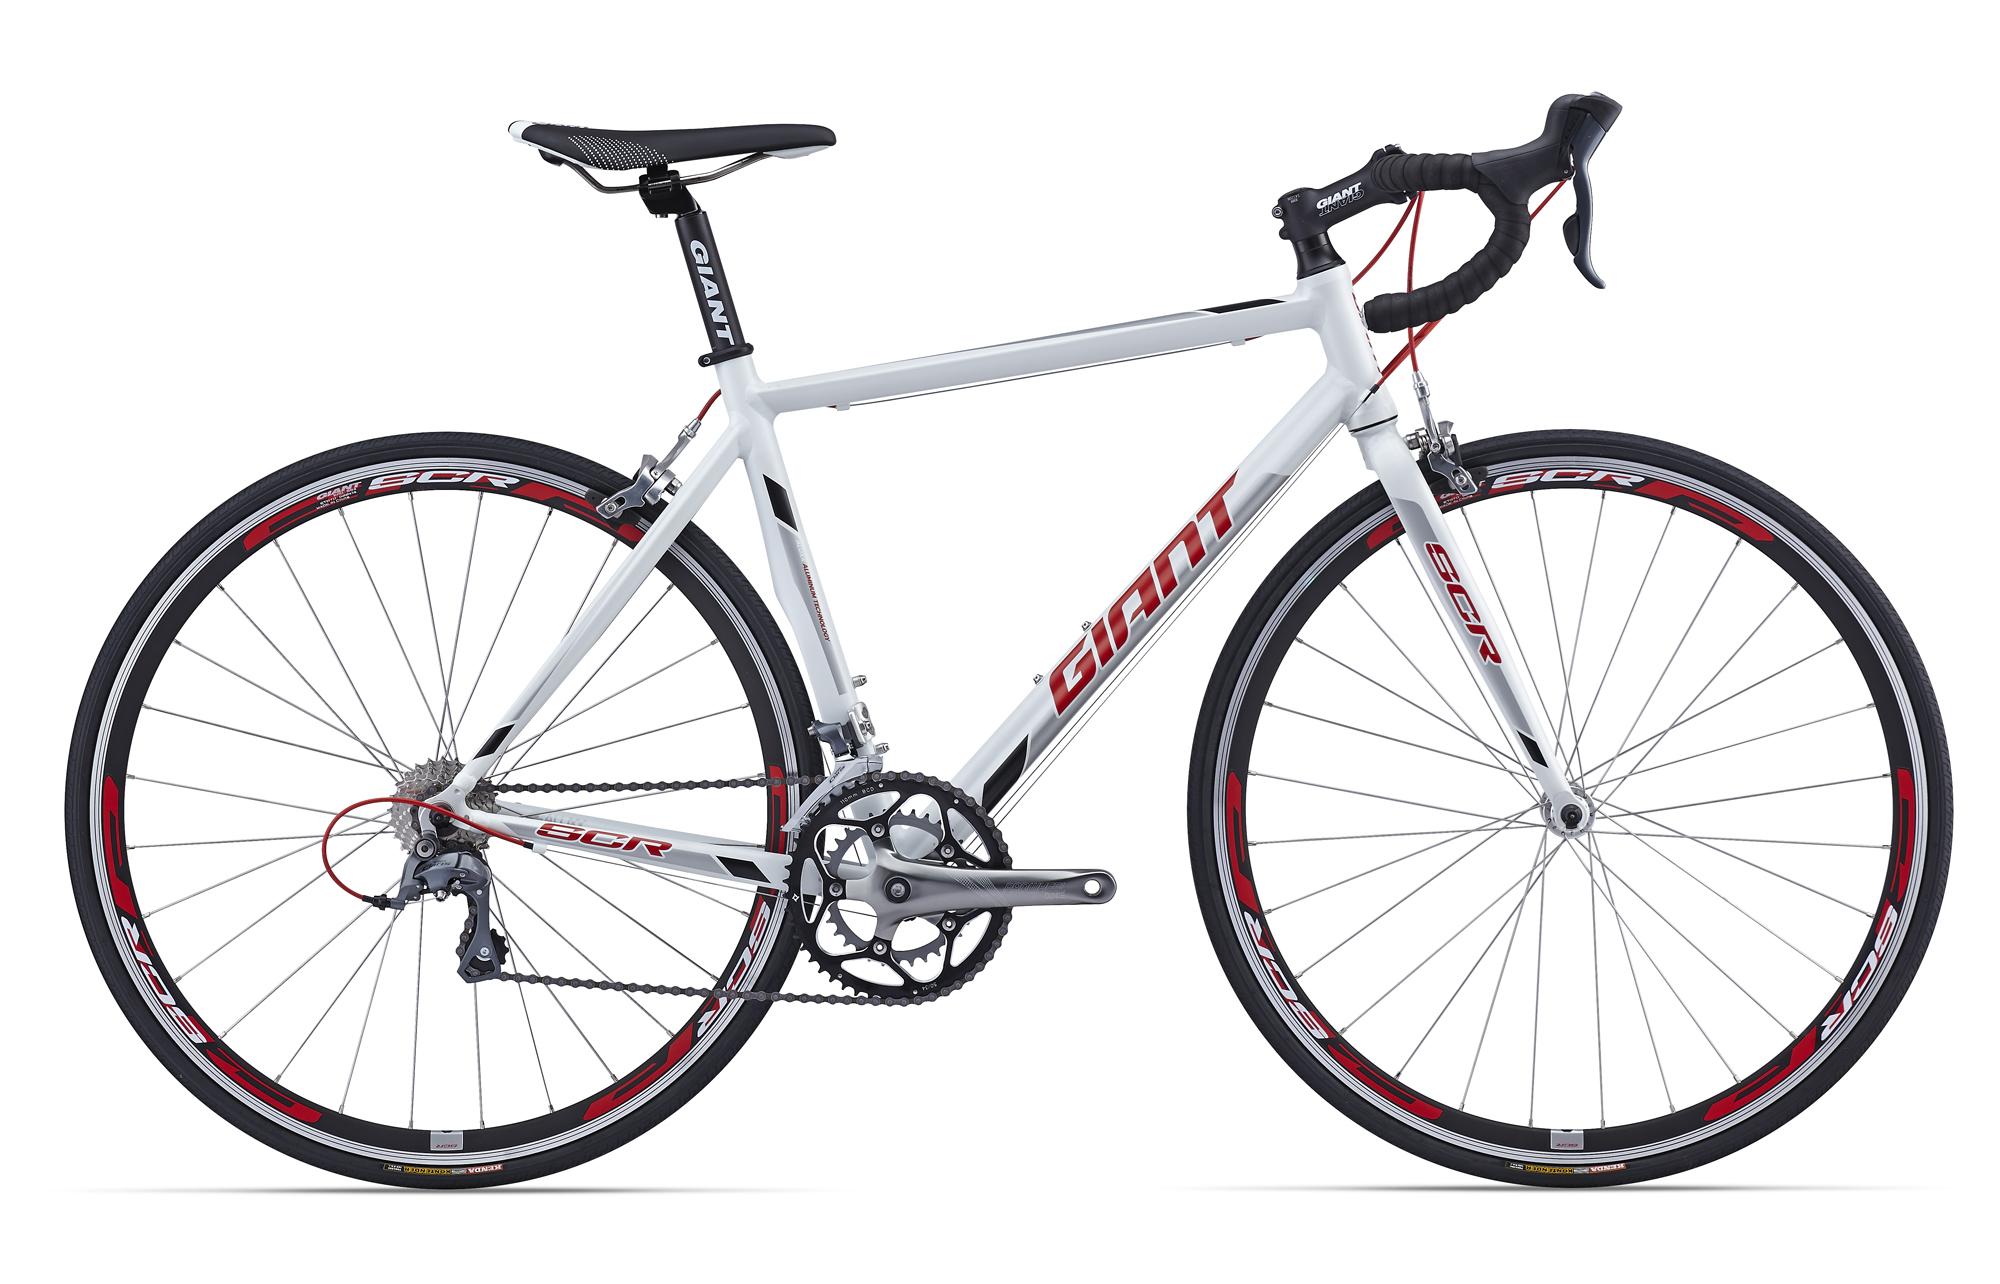 Велосипед SCR 2 Колесо:700c Рама:M Цвет:Белый от Ravta